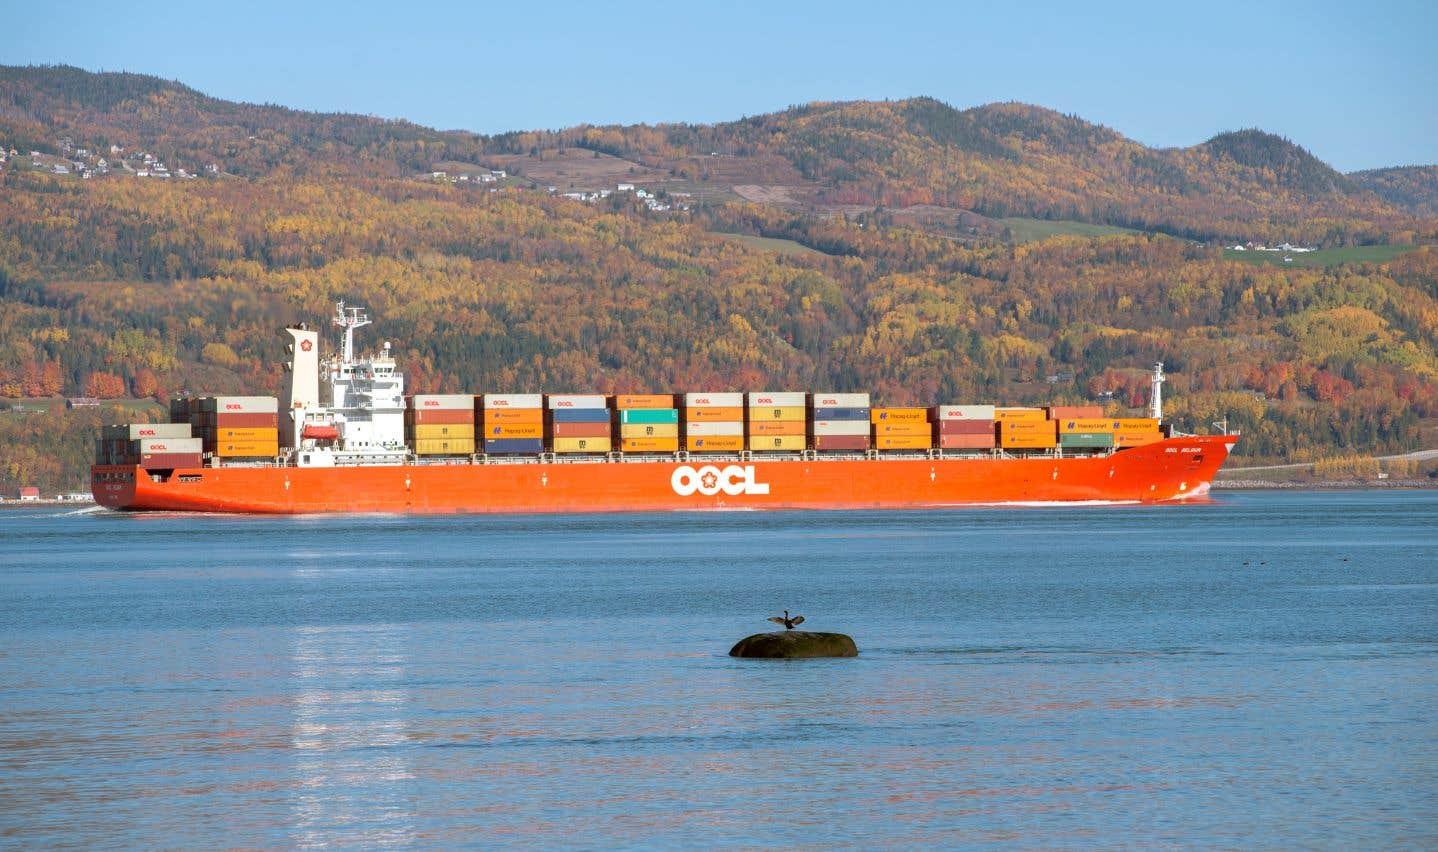 Pour leur part, les importations ont affiché une baisse de 6,5% en août au Québec.